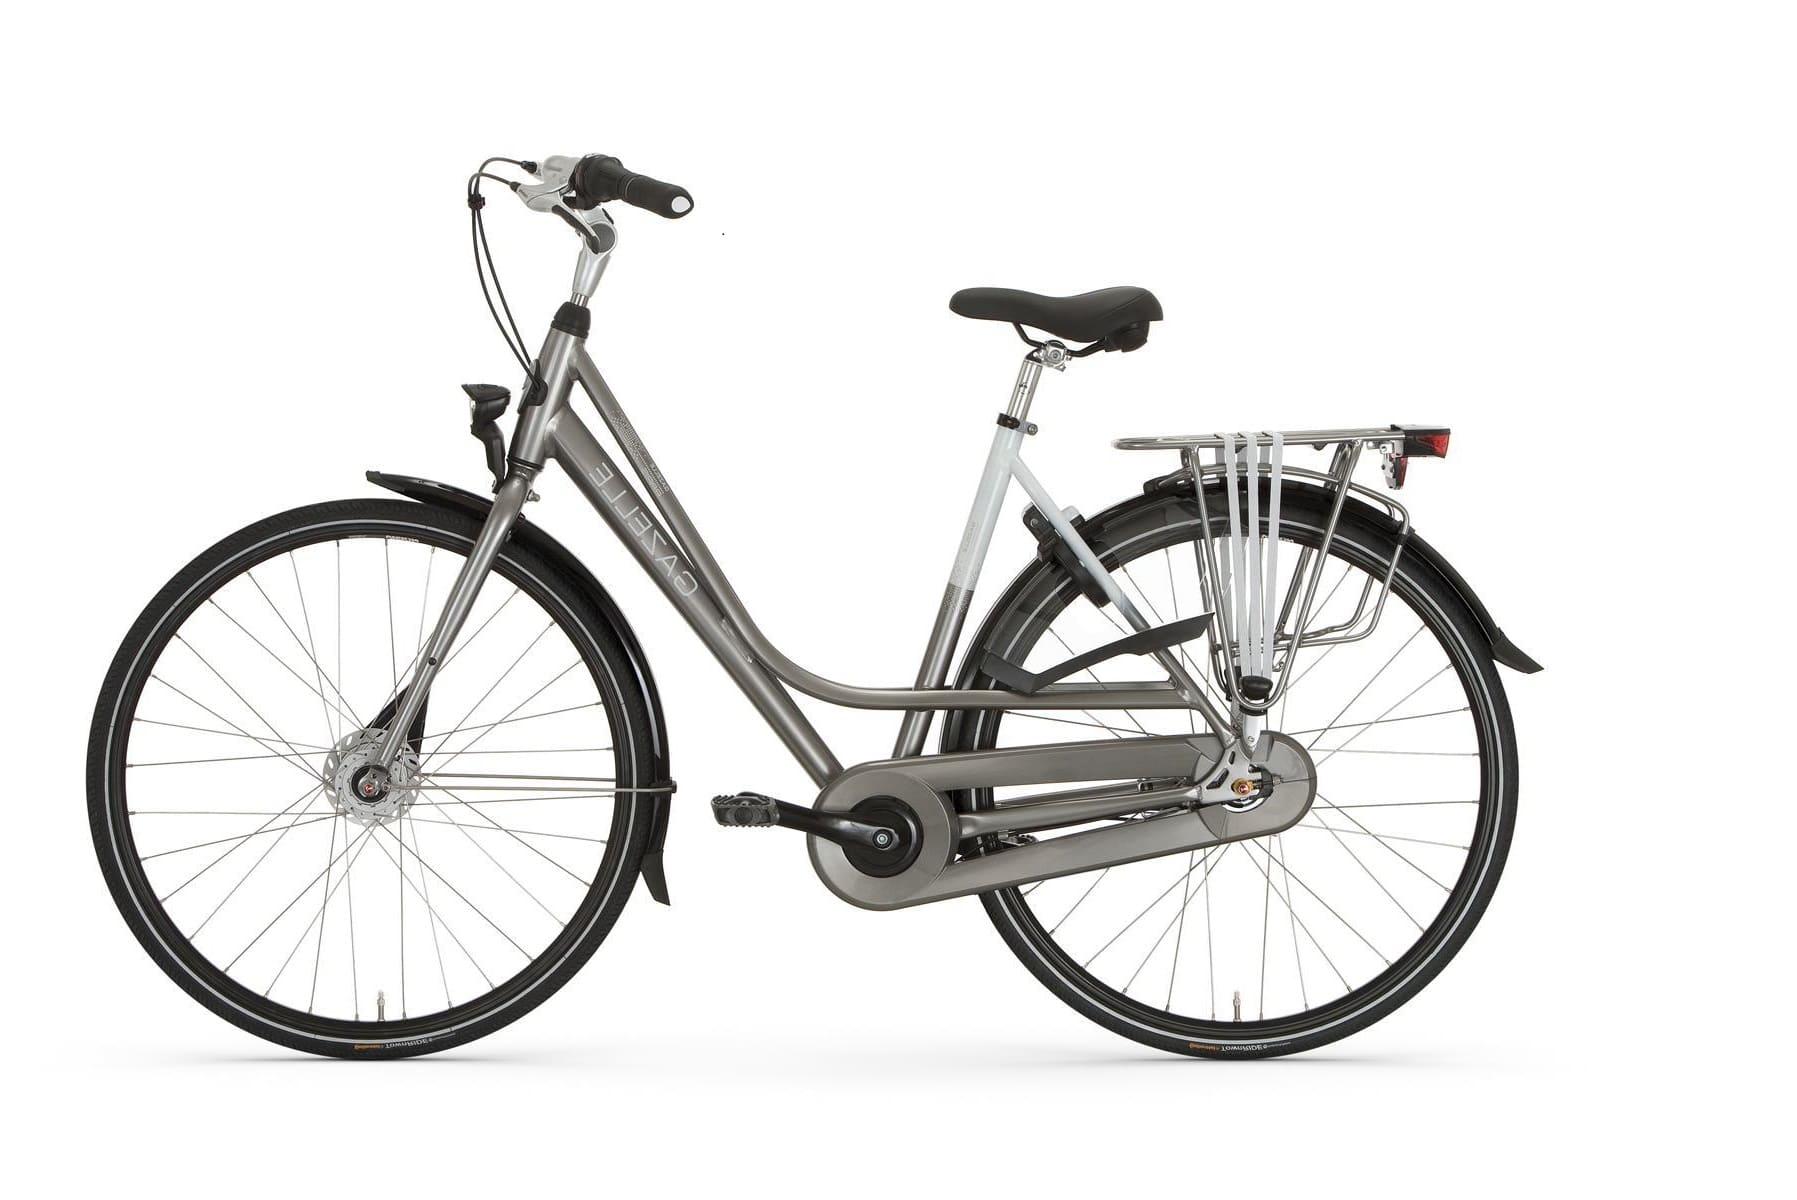 louer un vélo de randonnée à amsterdam